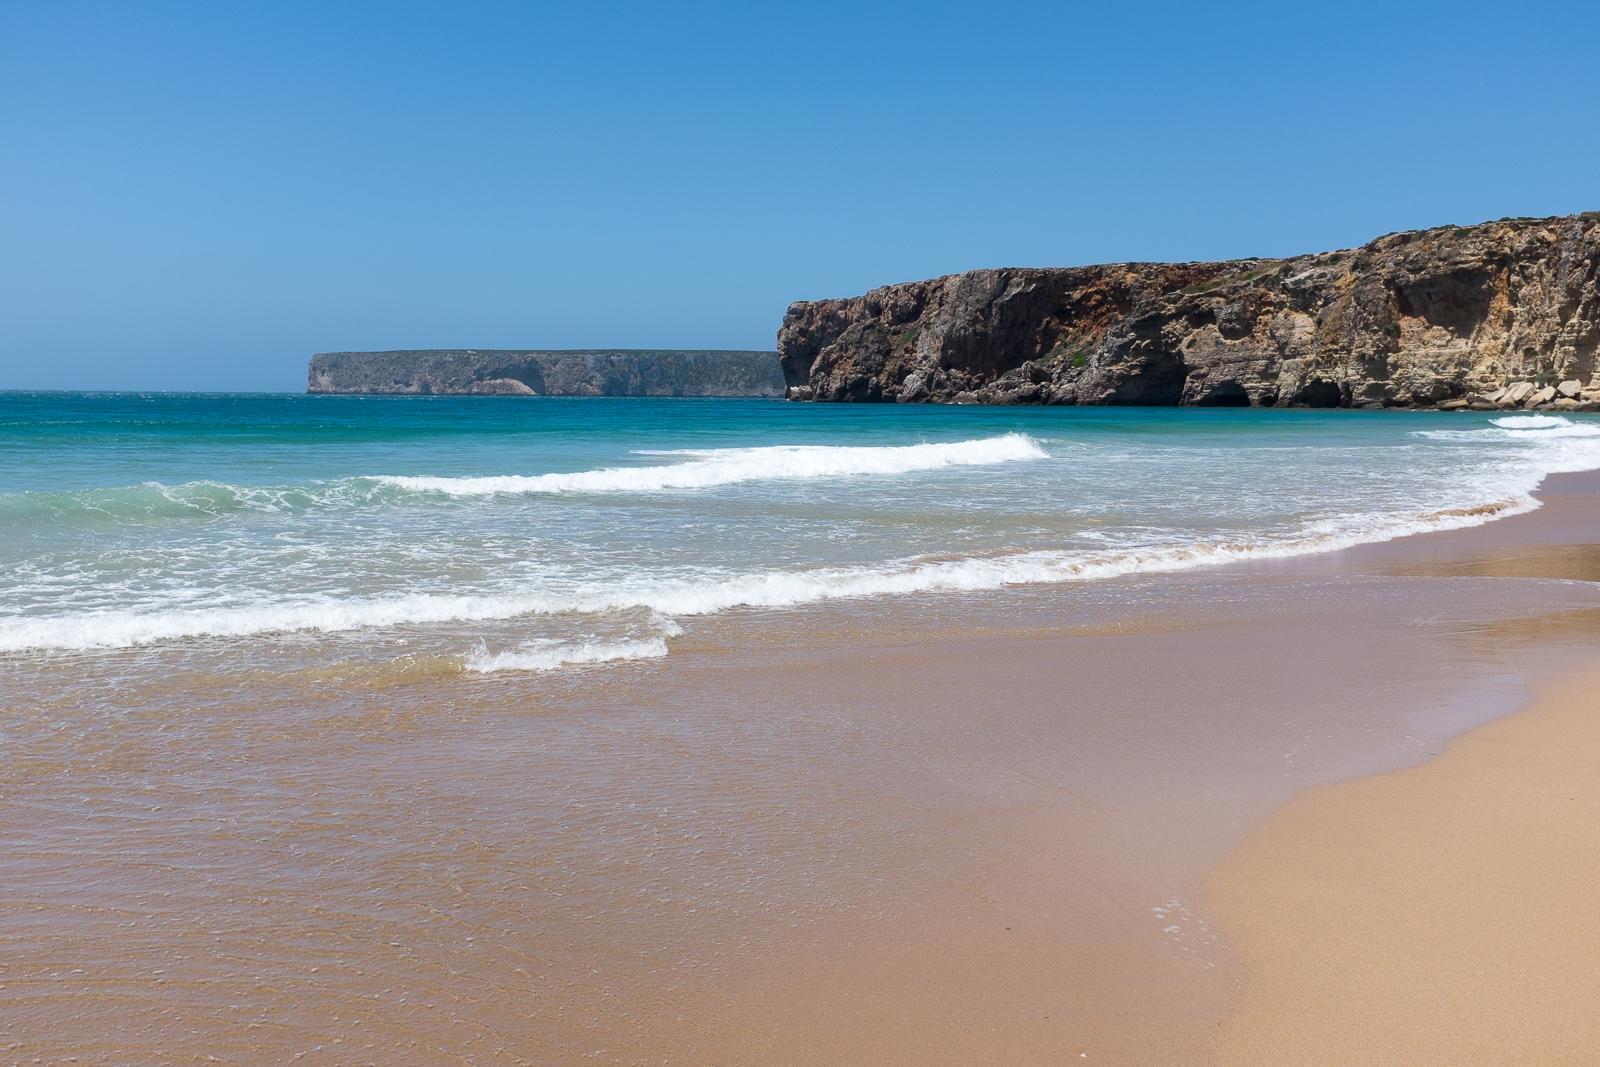 Dag04-Algarve-028-DSCF1738